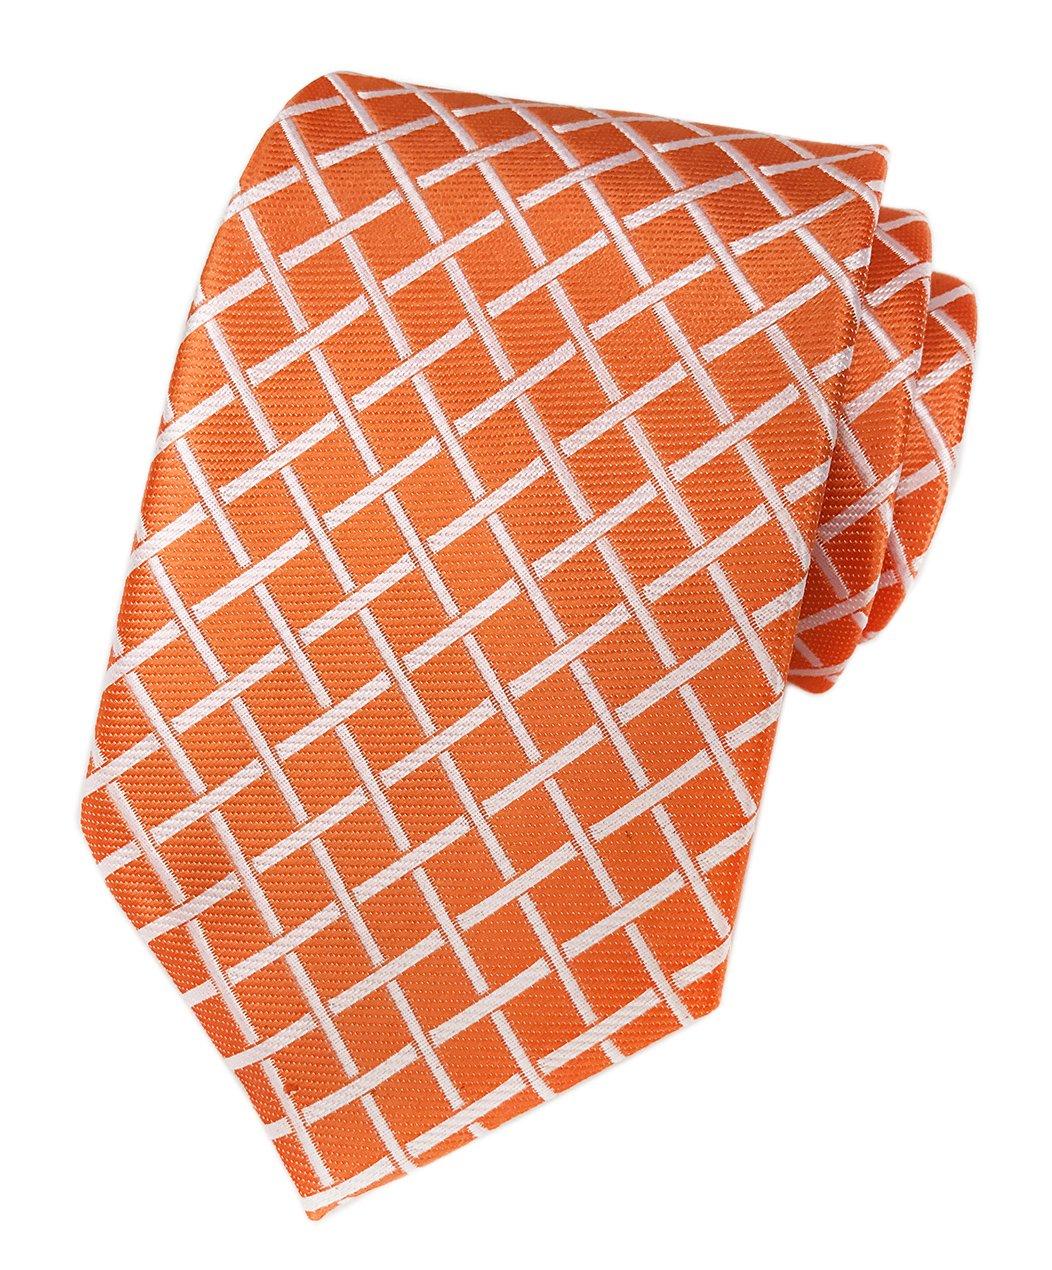 Elfeves Men Orange Check White Fine Striped Tie Regular Narrow Wedding Necktie